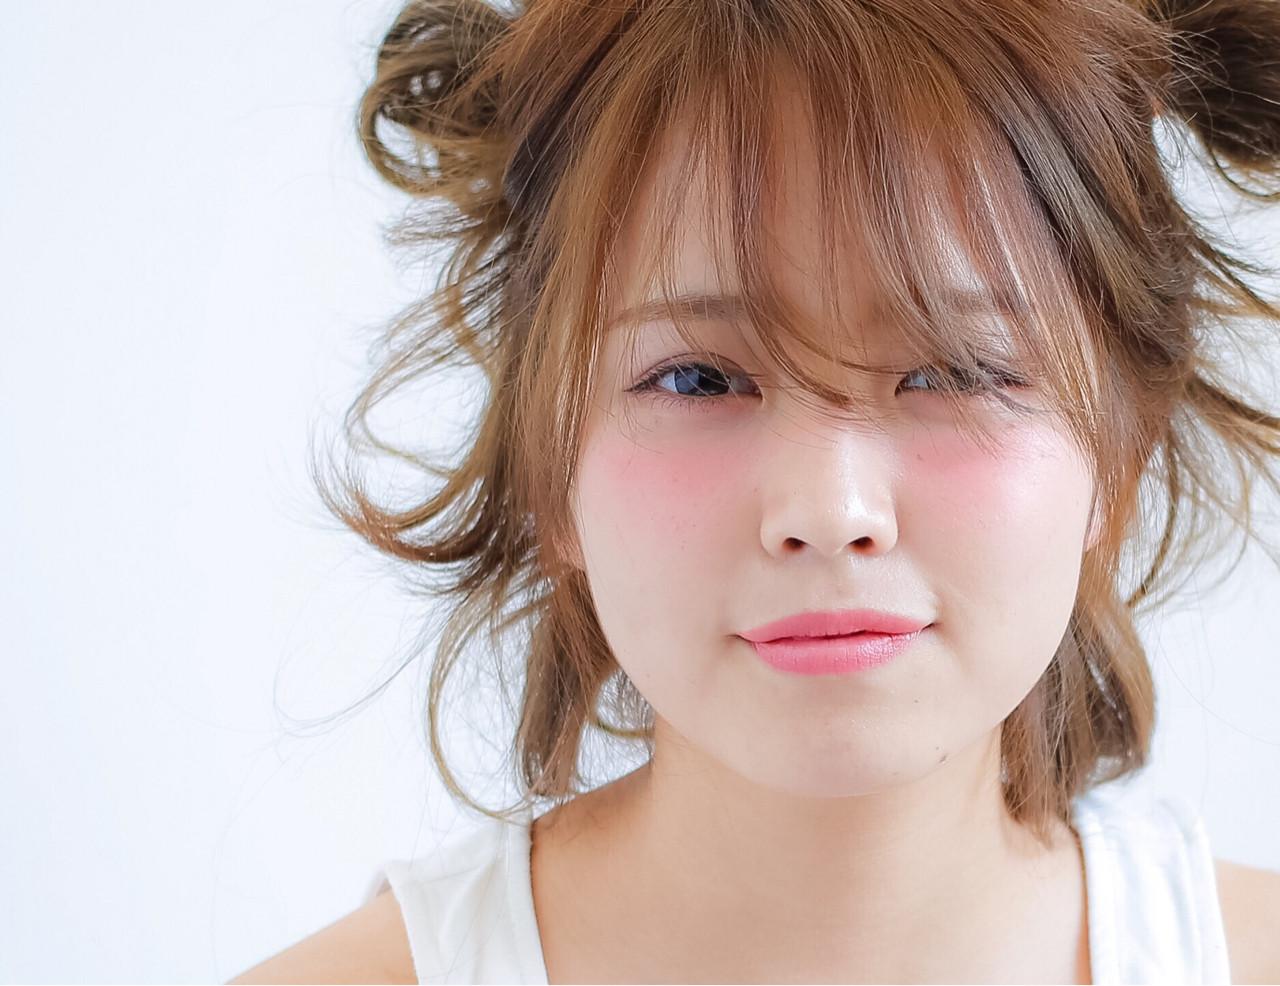 ヘアアレンジ ハーフアップ フェミニン 簡単ヘアアレンジ ヘアスタイルや髪型の写真・画像 | 小笠原 淳 / hair make No.8(ヘアメイクエイト)